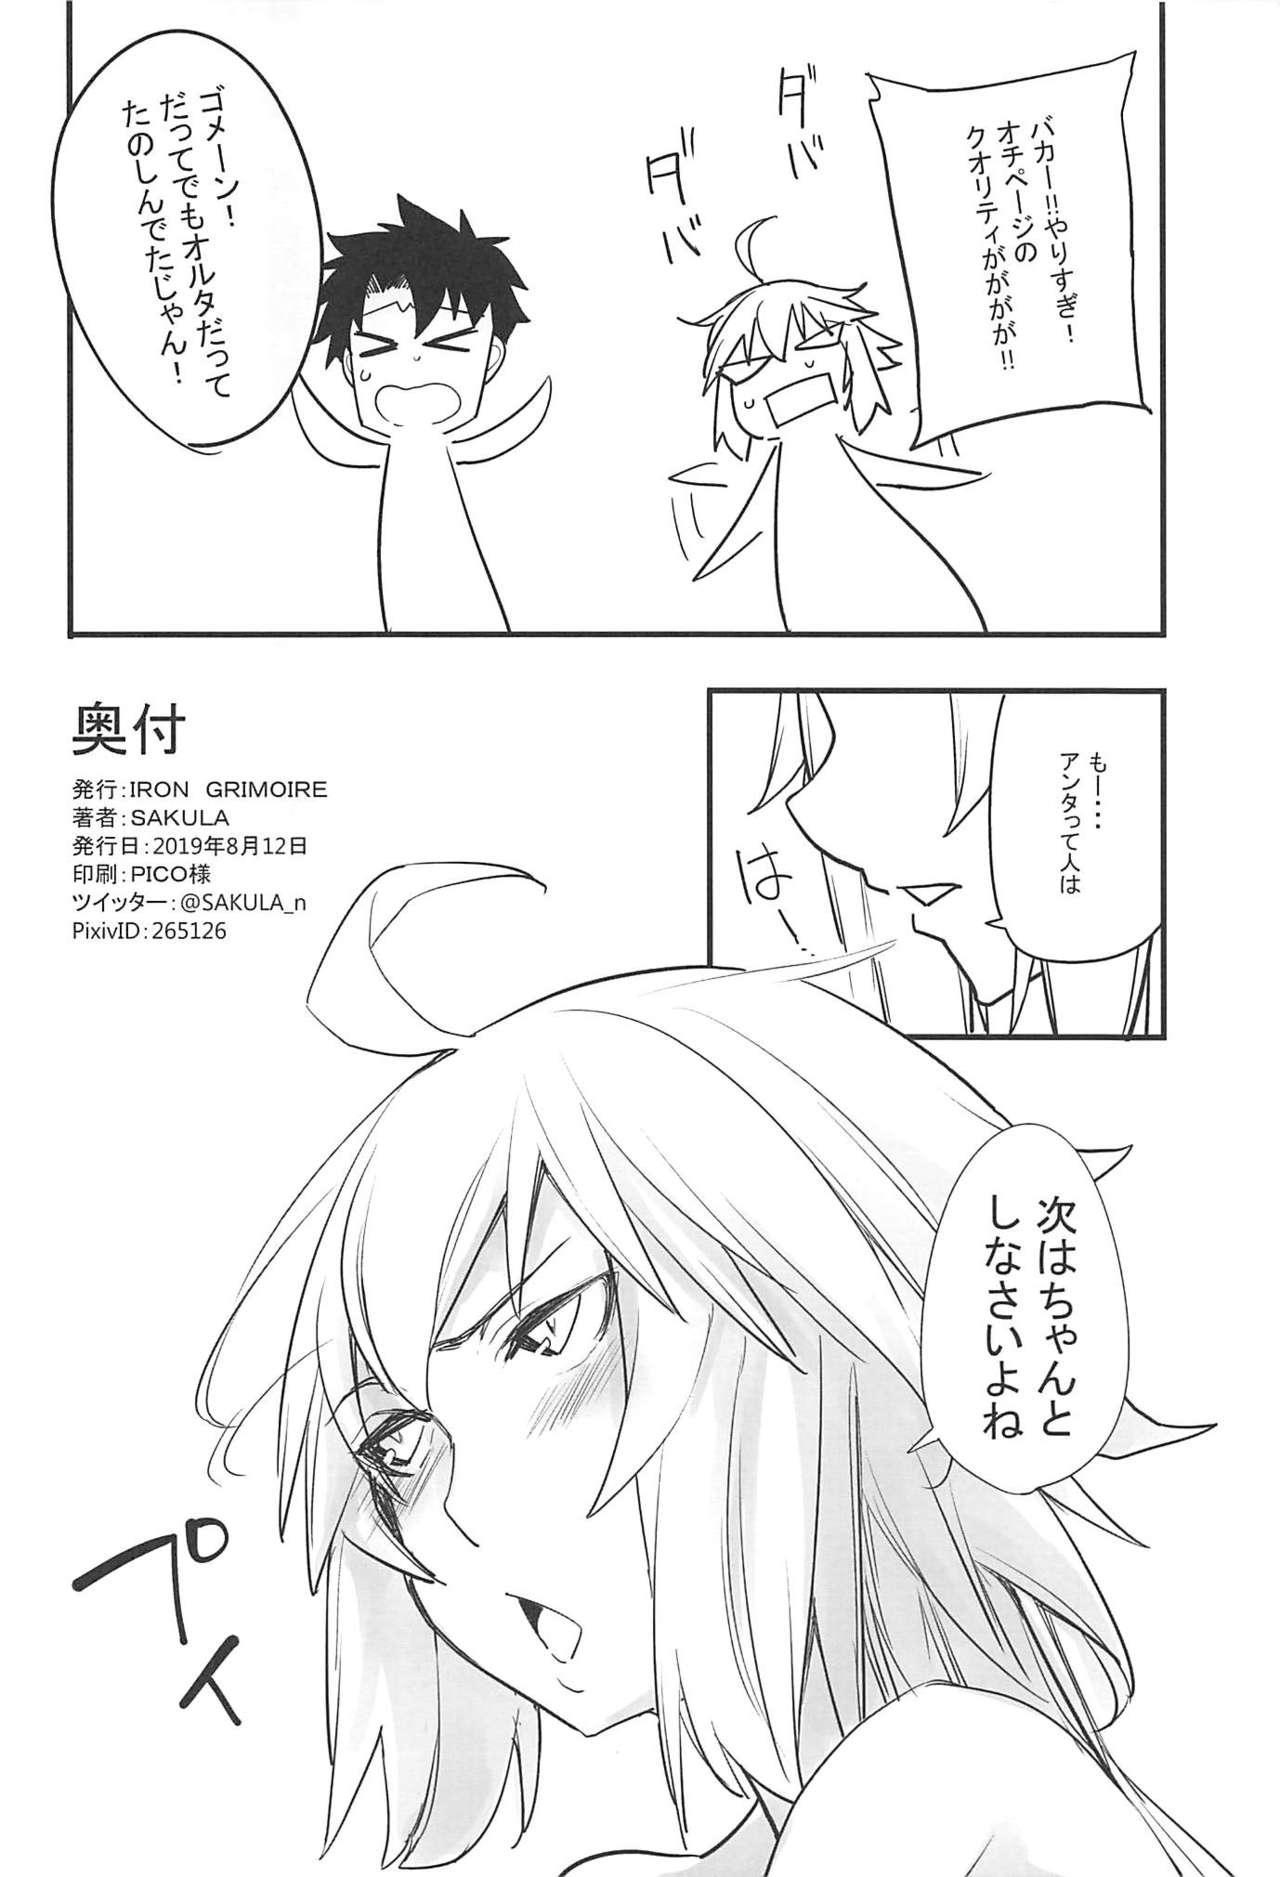 Kuroneko ga Nyan to Naku. 3RE 20